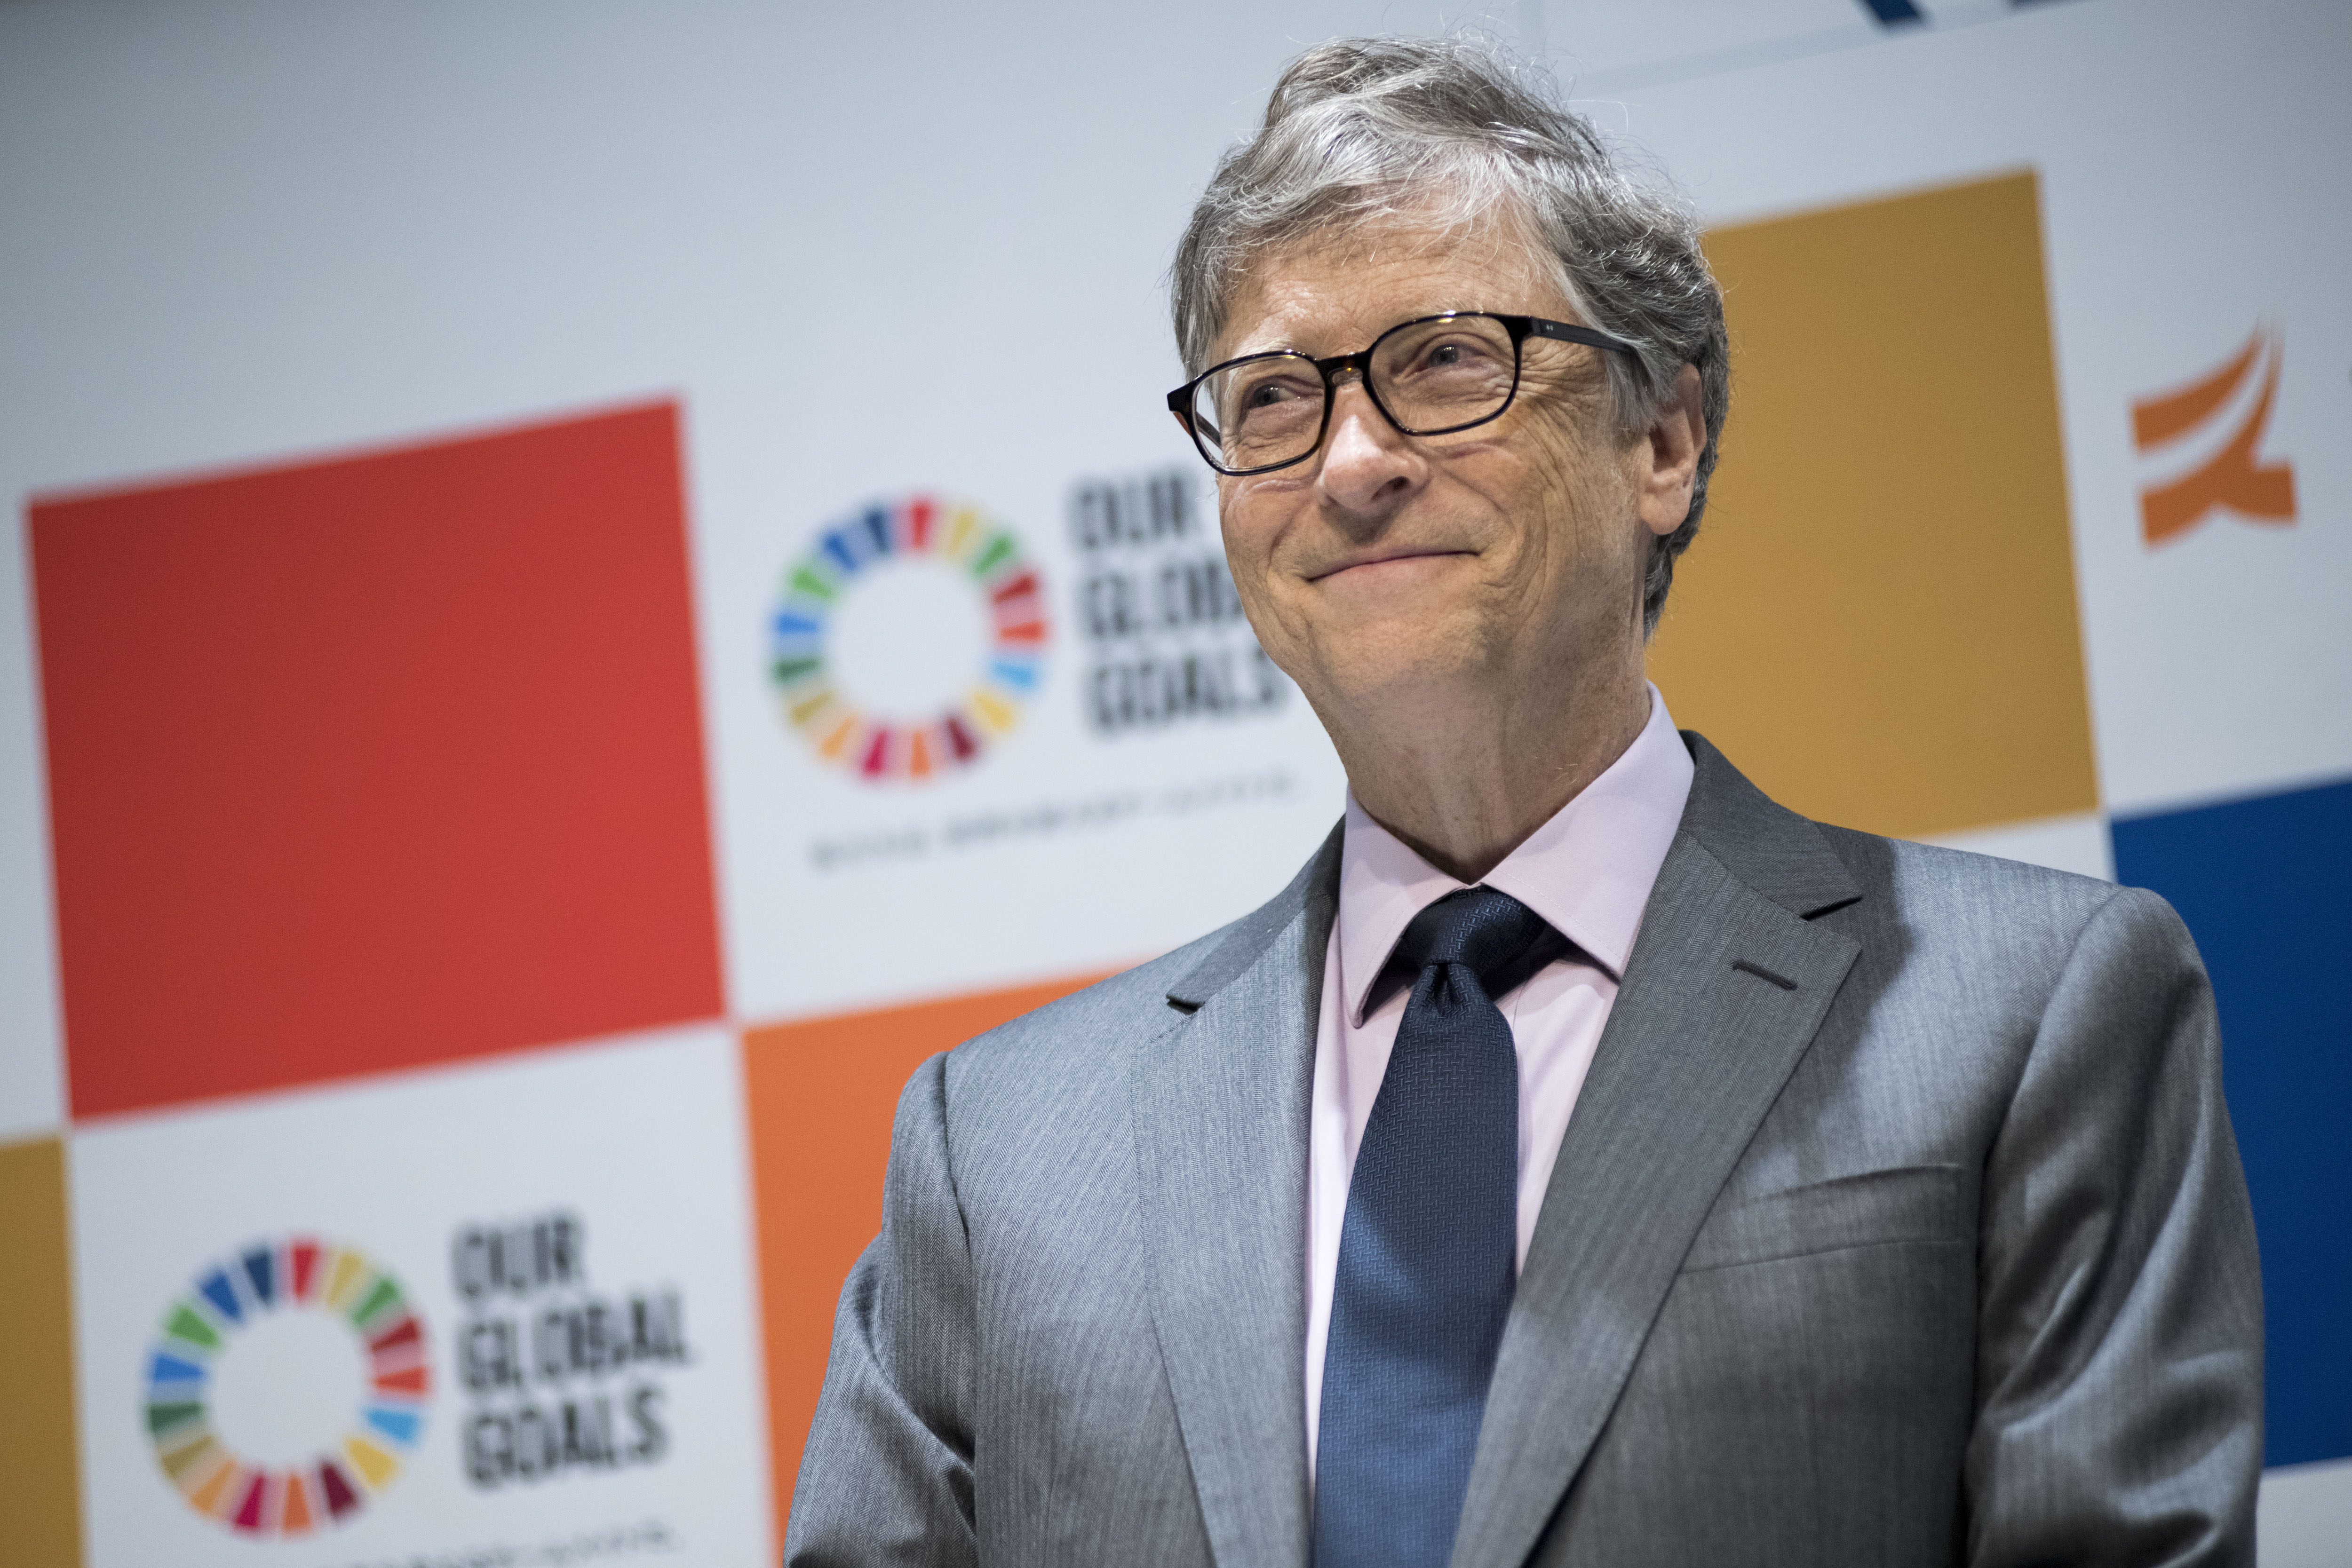 Bill Gates megelőzte Jeff Bezost, újra ő a leggazdagabb ember a Földön